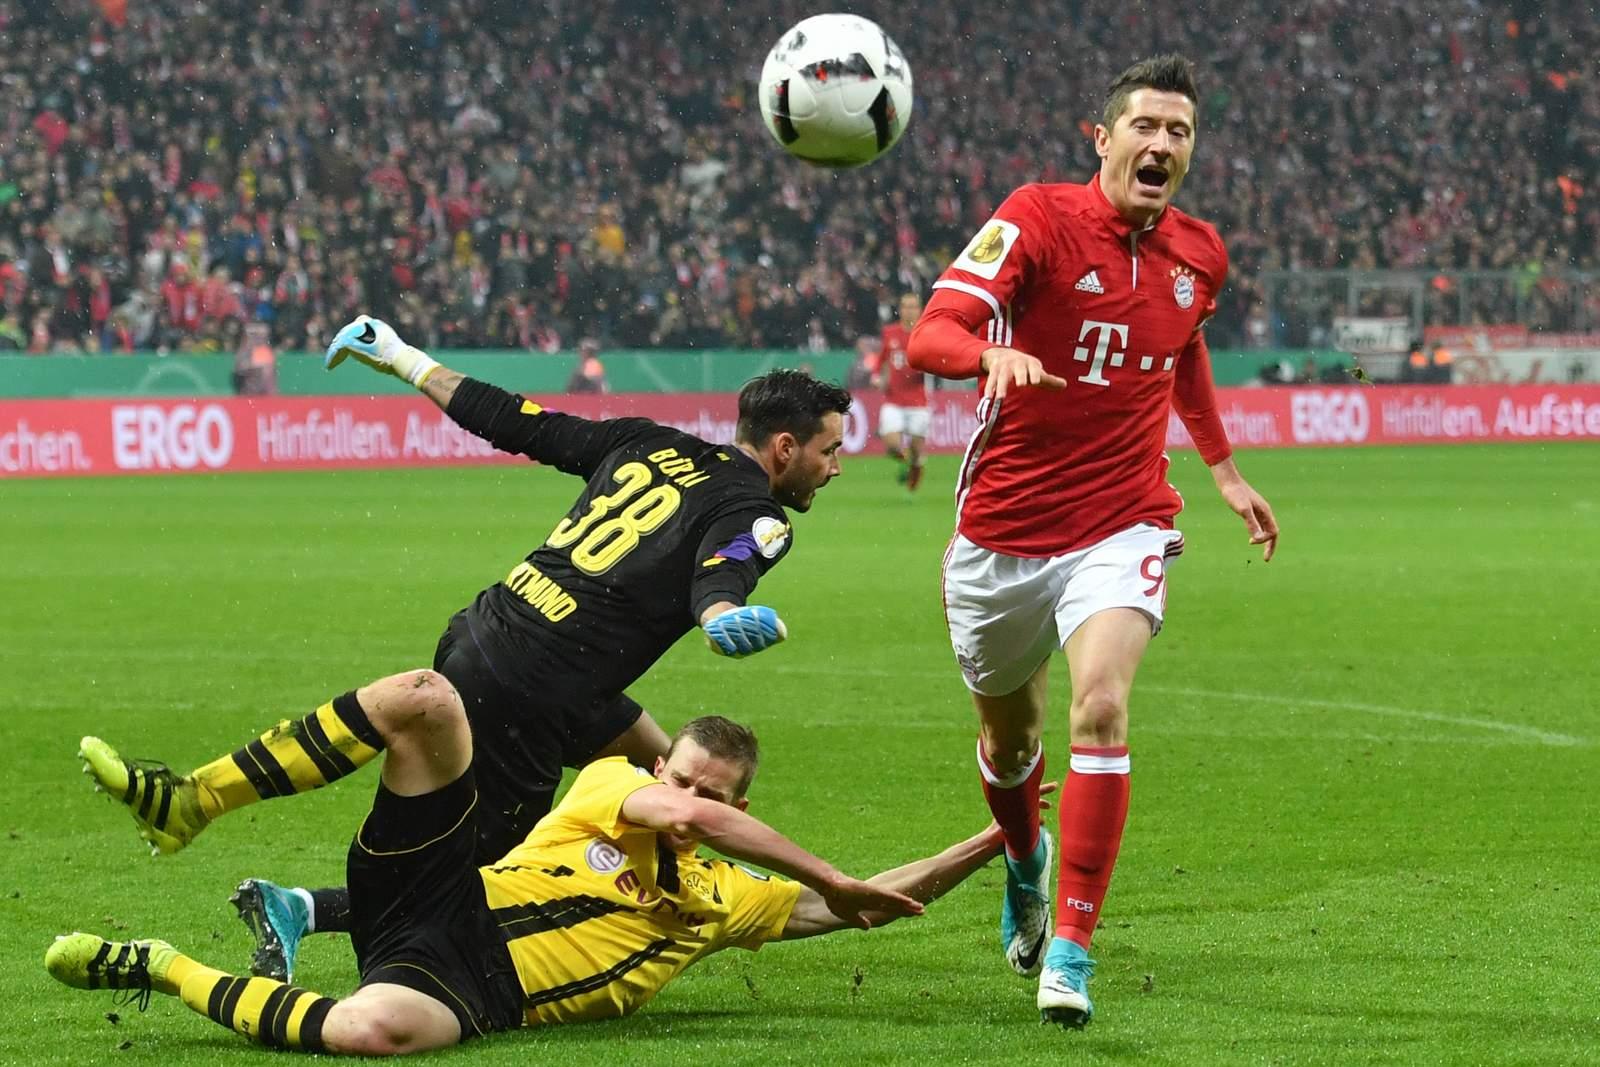 Trifft Lewandowski gegen Bürki? Jetzt auf BVB Dortmund gegen Bayern wetten